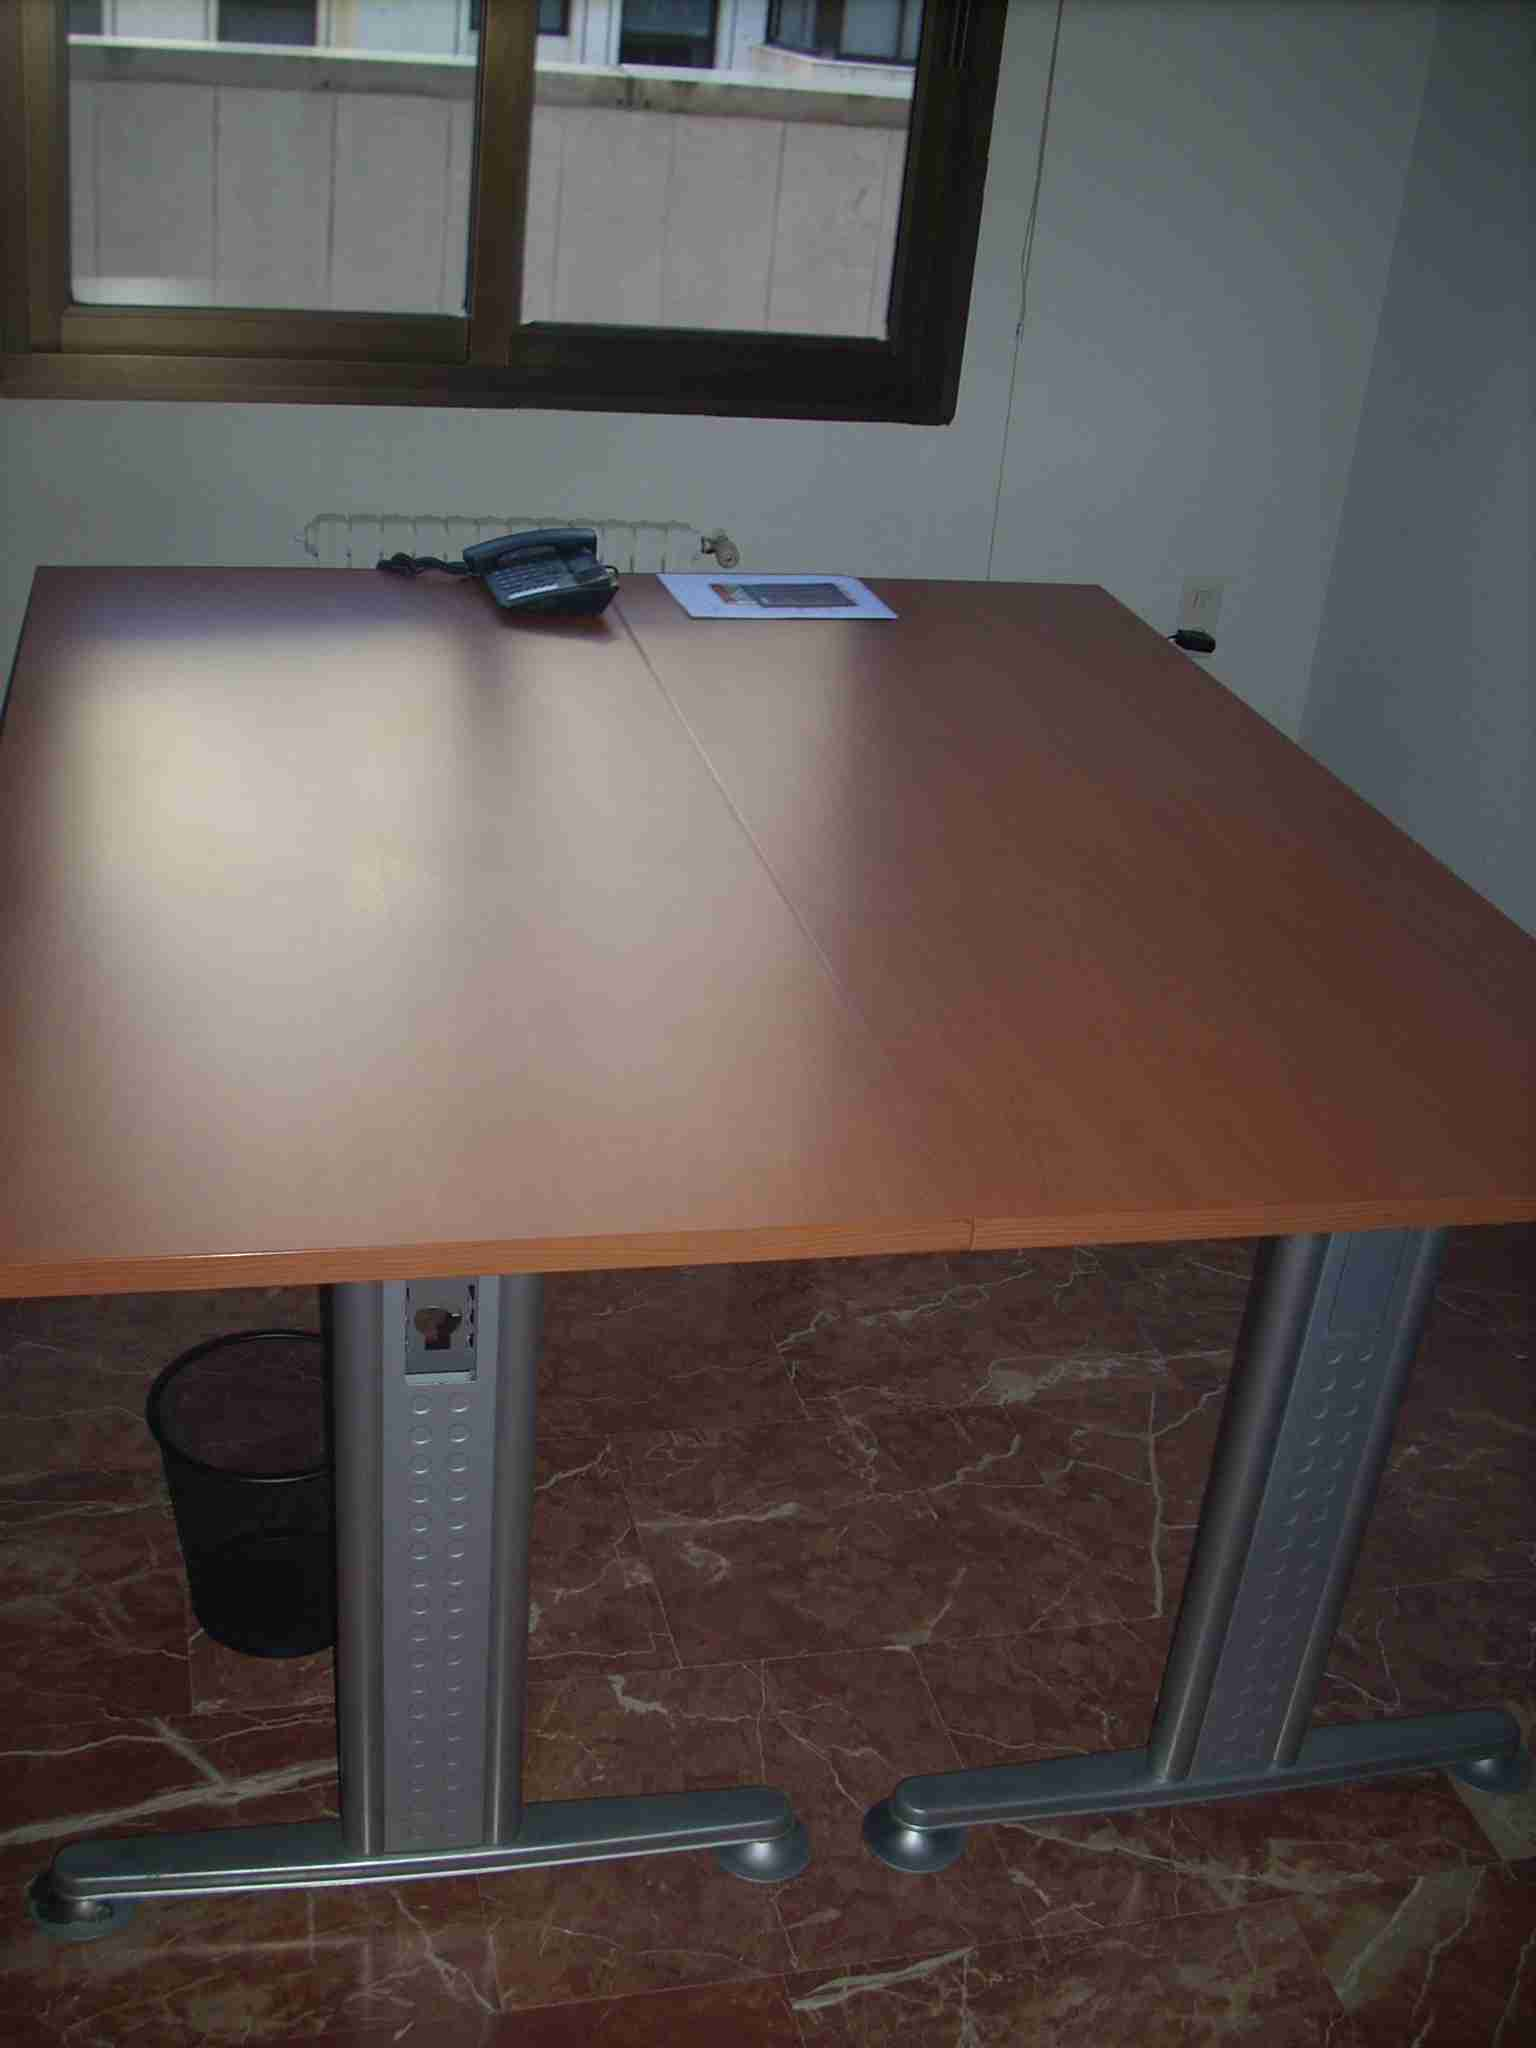 Segunda Mano   IMOC.es  Muebles de oficina y mobiliario para el comercio en general